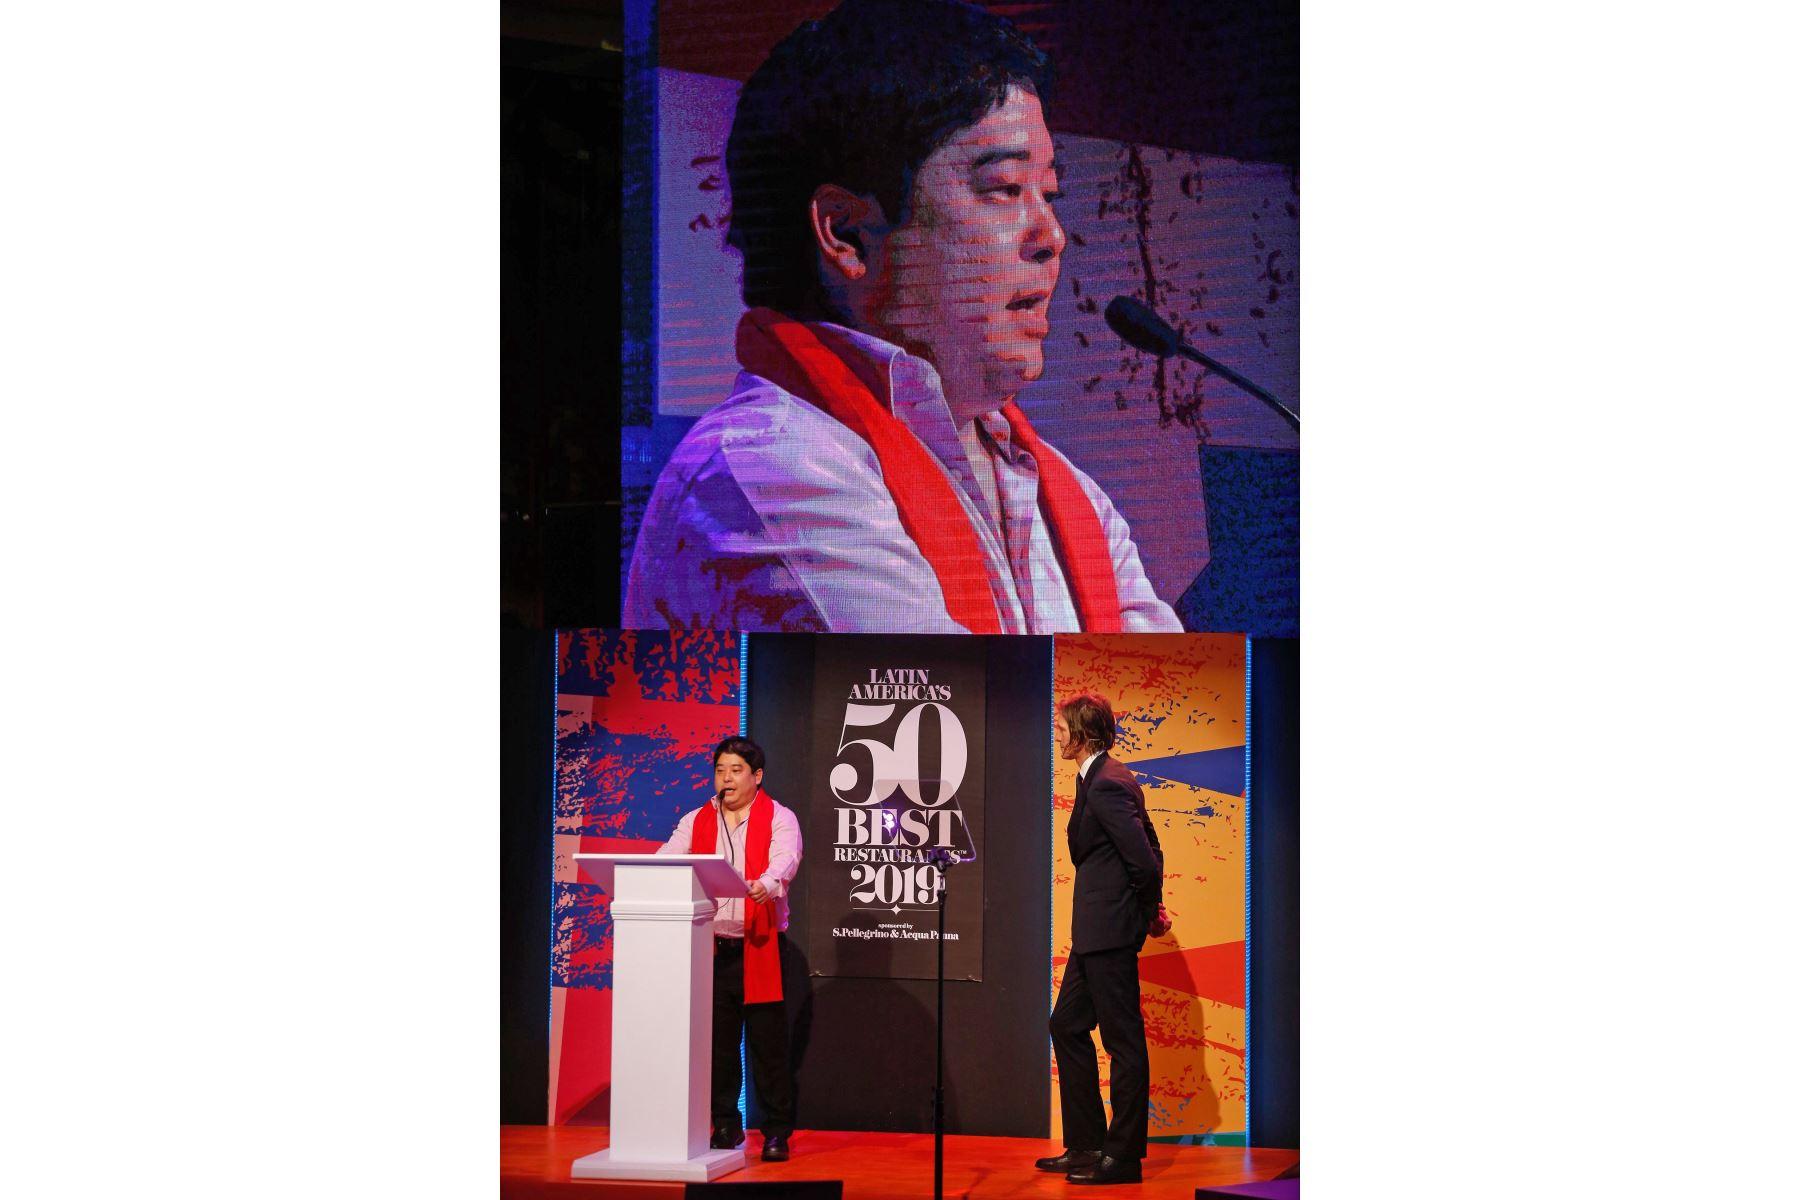 Mitsuharu Tsjumura celebra tras obtener el primer lugar en la entrega de los Latin Americas 50 best Restaurants, por su restaurante Maido de Peru, este jueves, en la Usina del Arte, en Buenos Aires. Foto: EFE